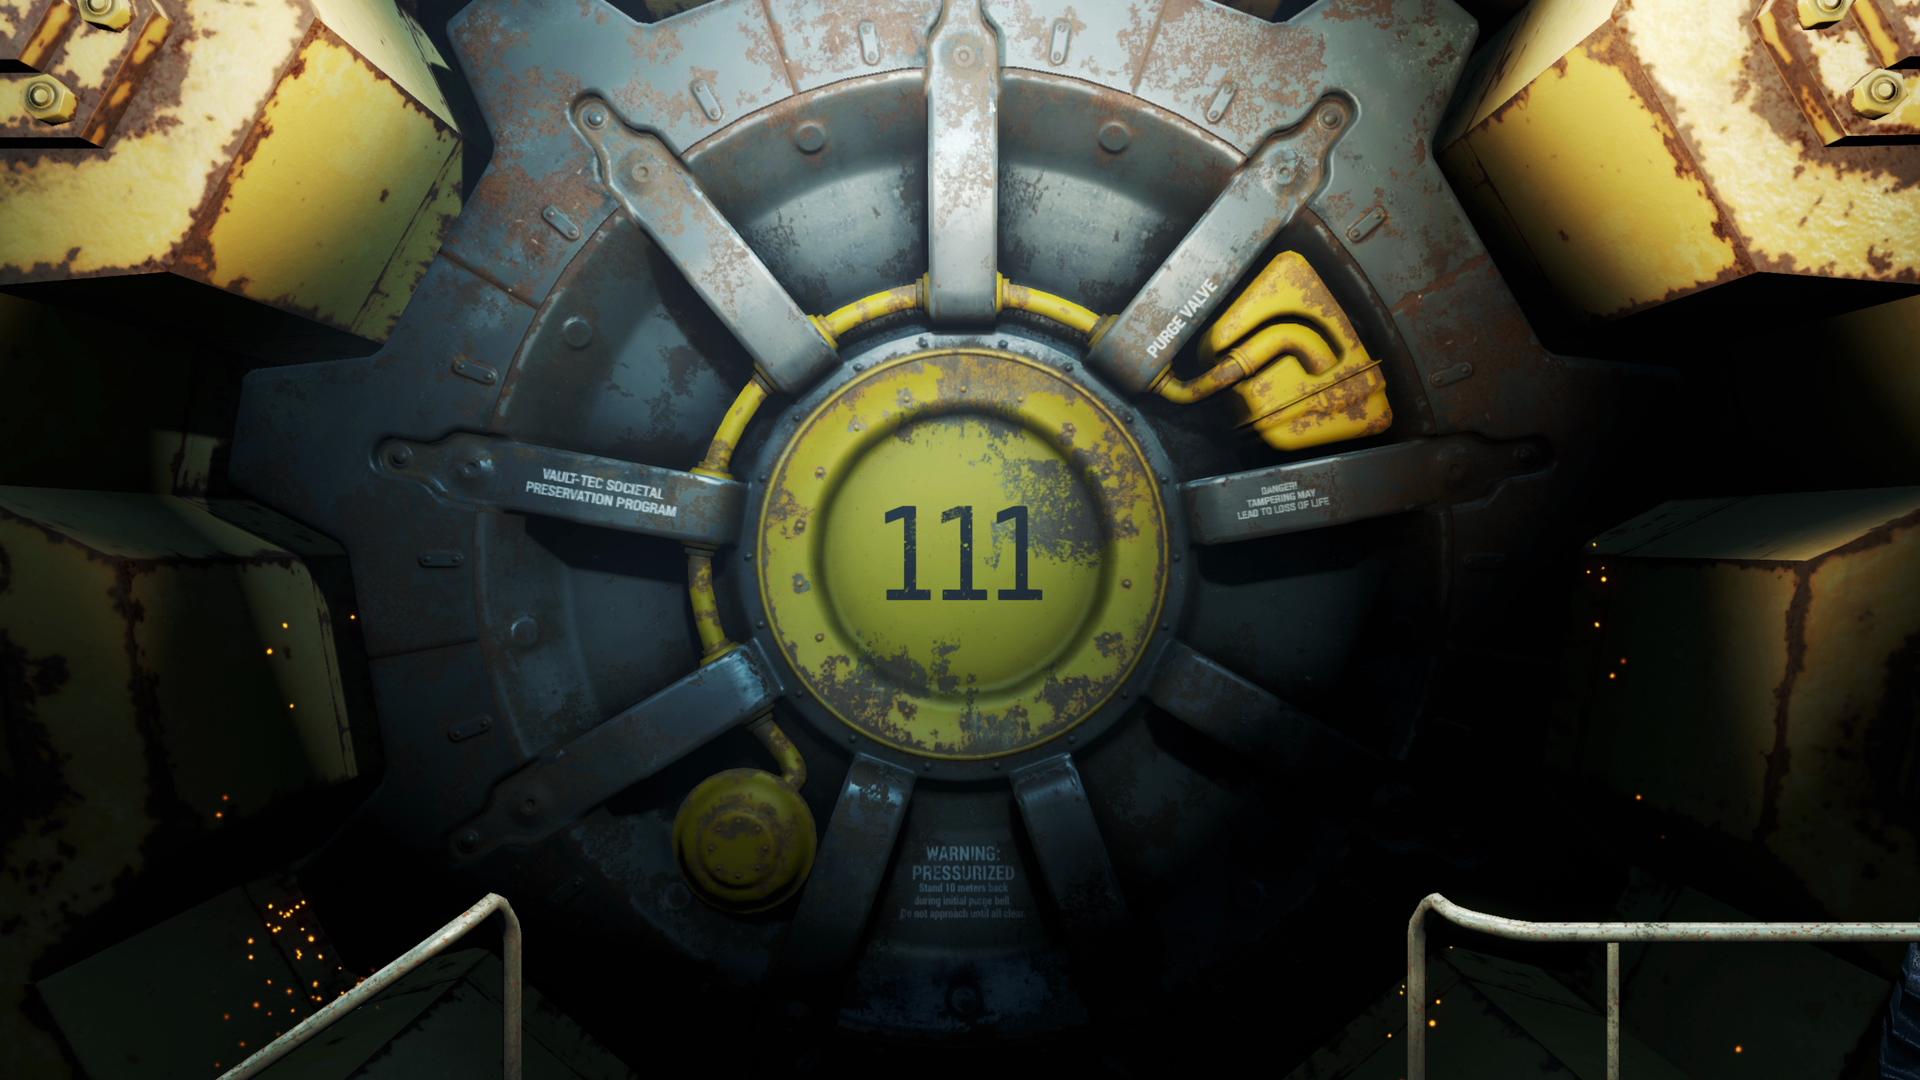 Fallout4_Trailer_Vault_1433355629